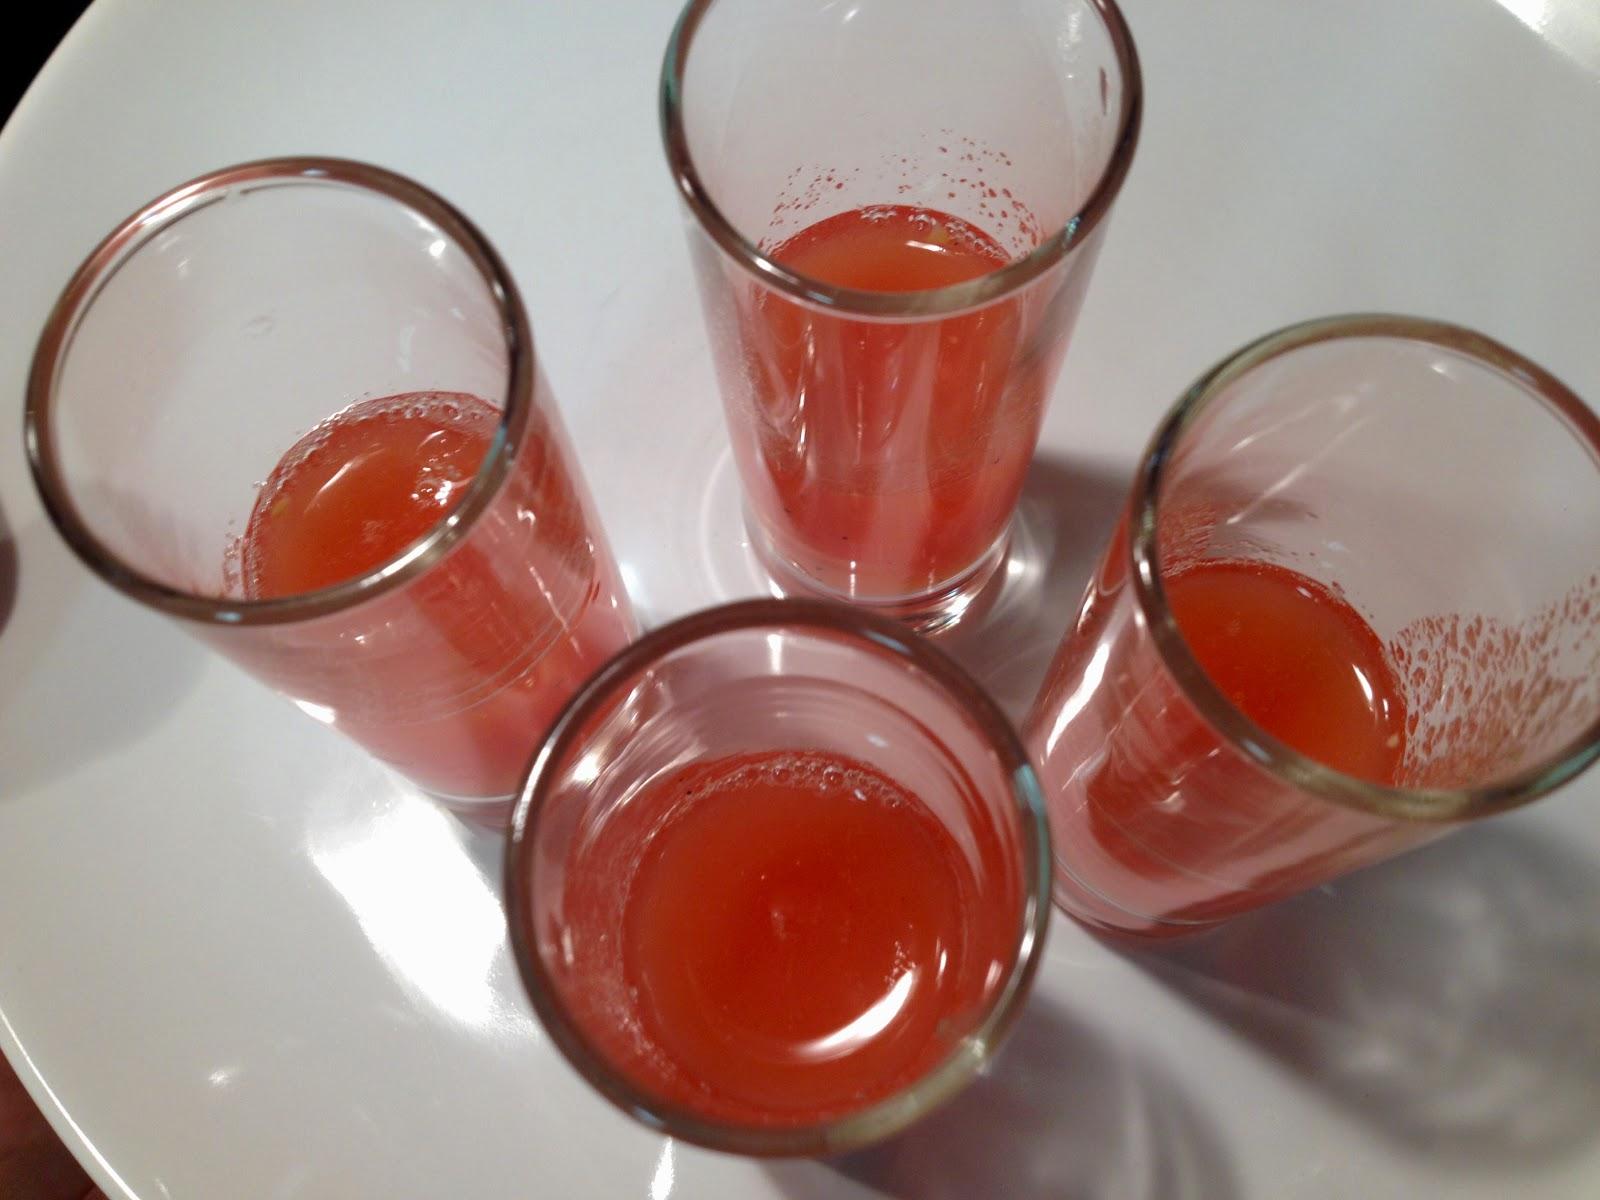 Chupito de Bloody Mary (vodka con tomate) de @valverdecoach - el troblogdita - el gastrónomo - Manuel Valverde - Manuel Valverde Coach - Mentor Coach